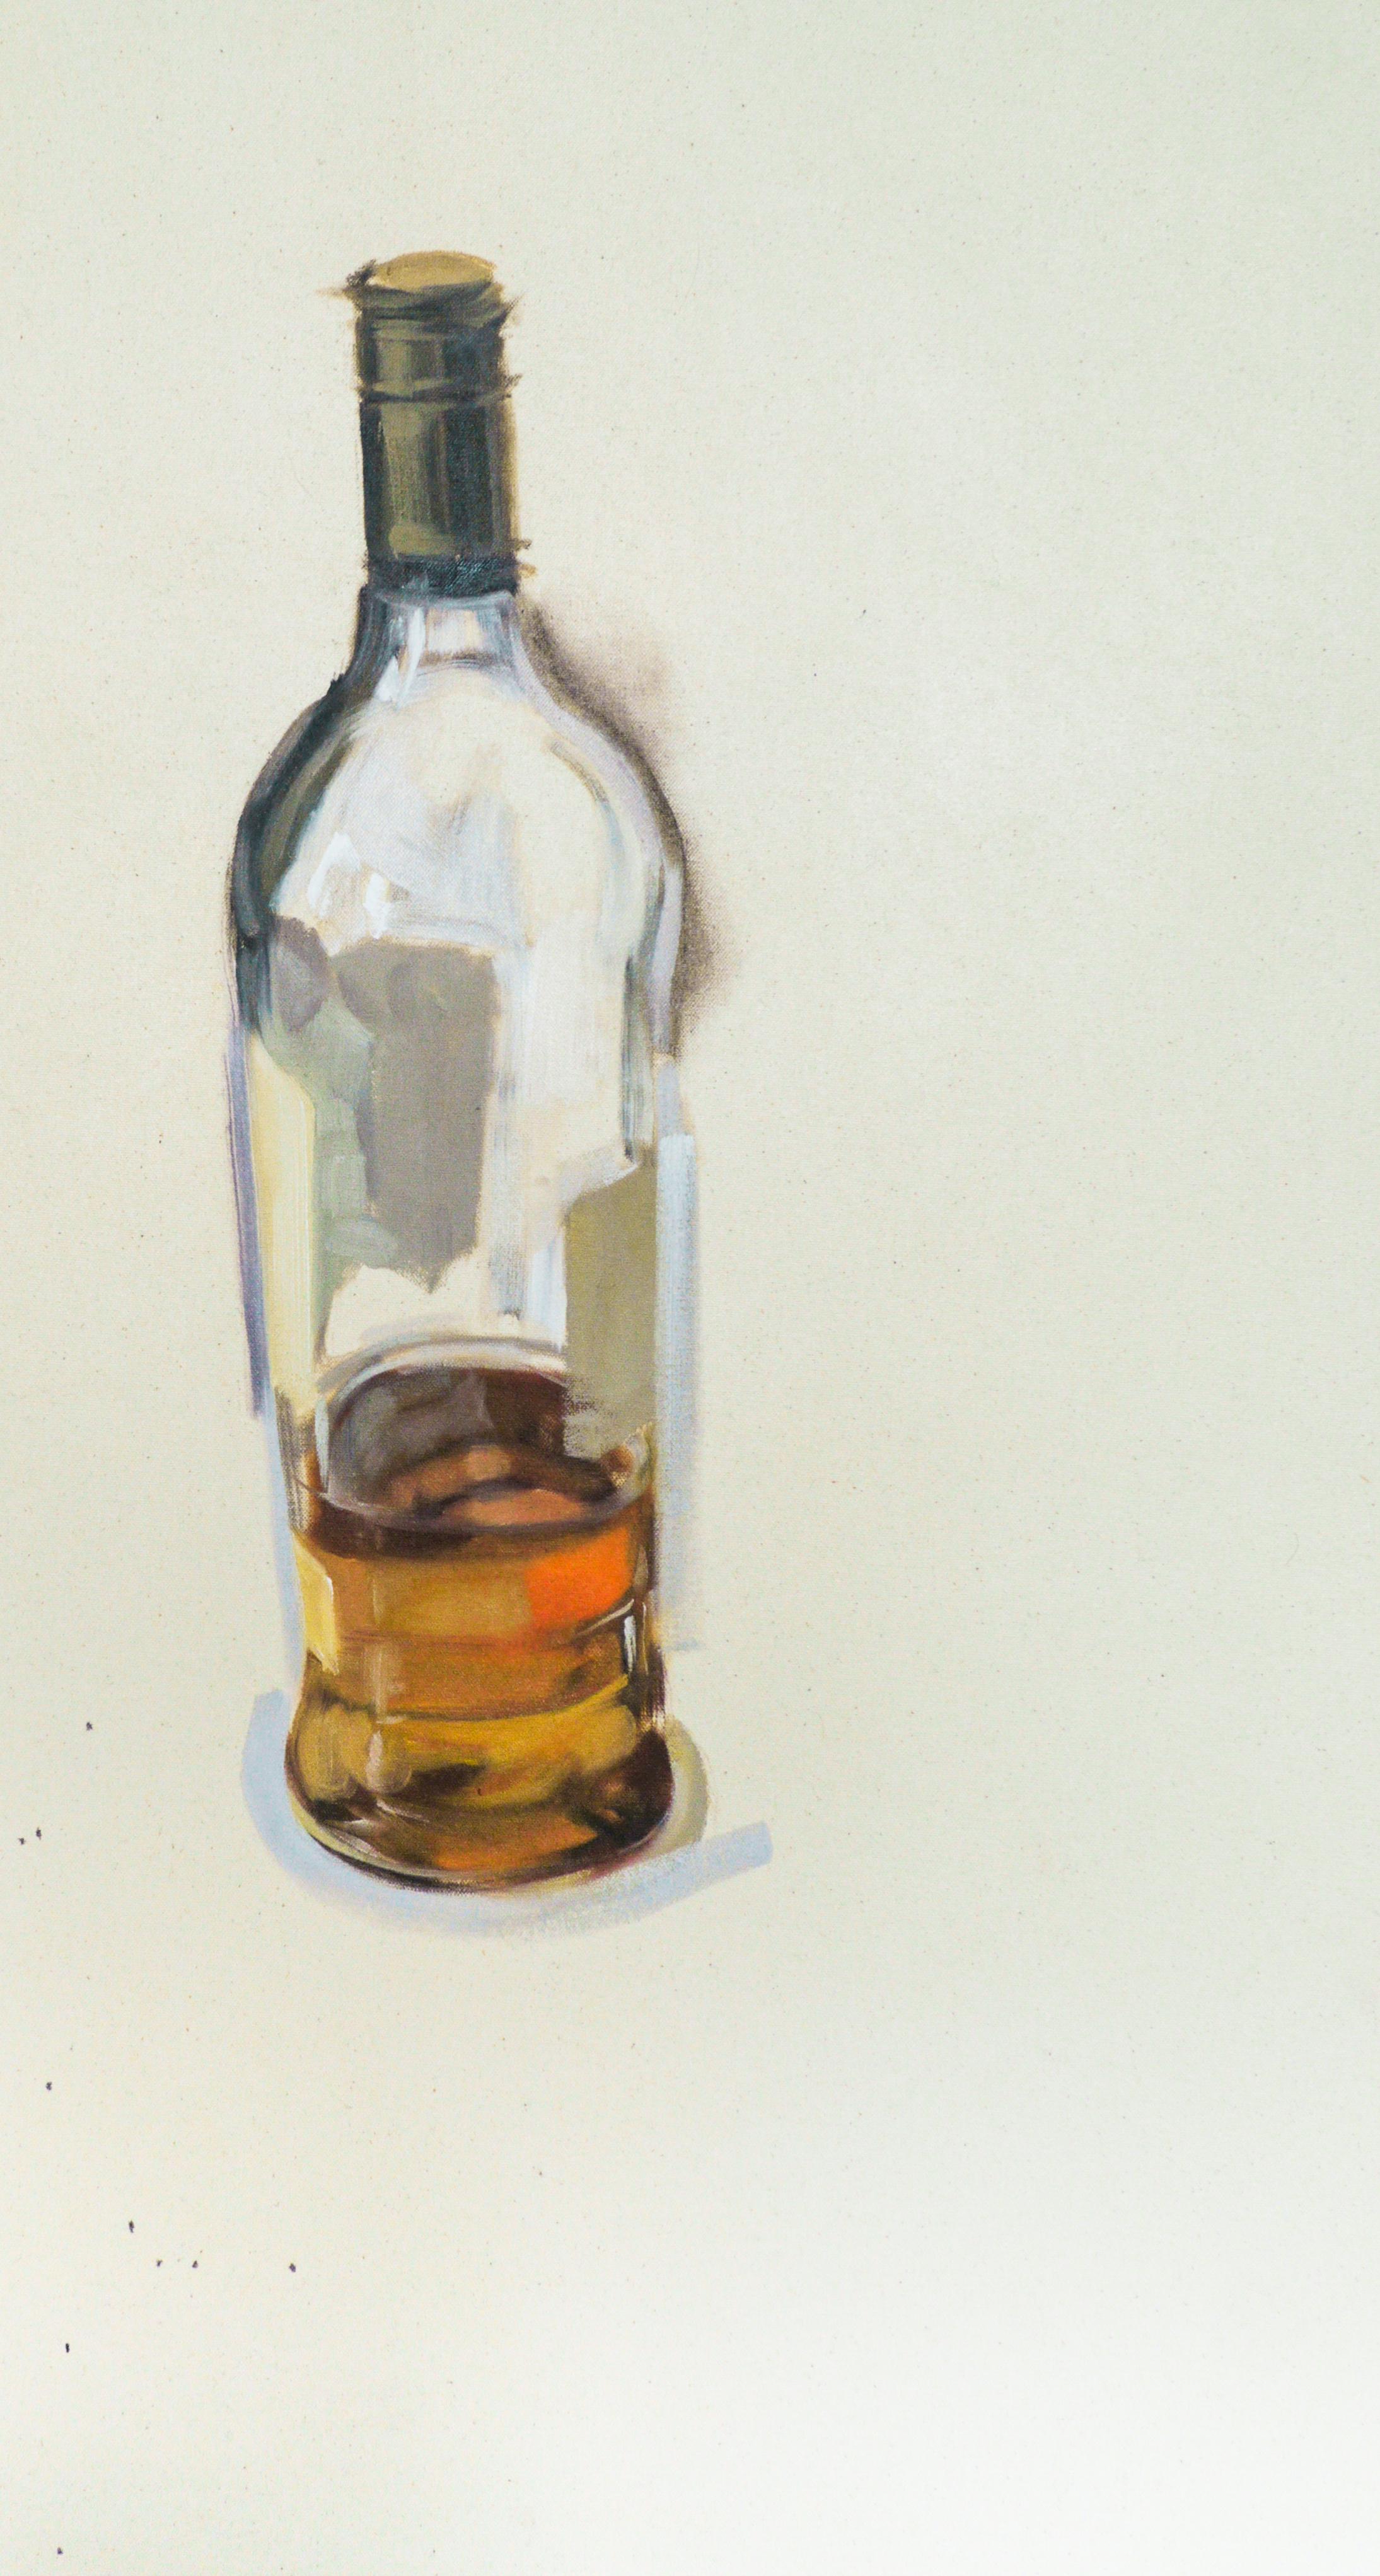 Original art lee milby for Liquor bottle art